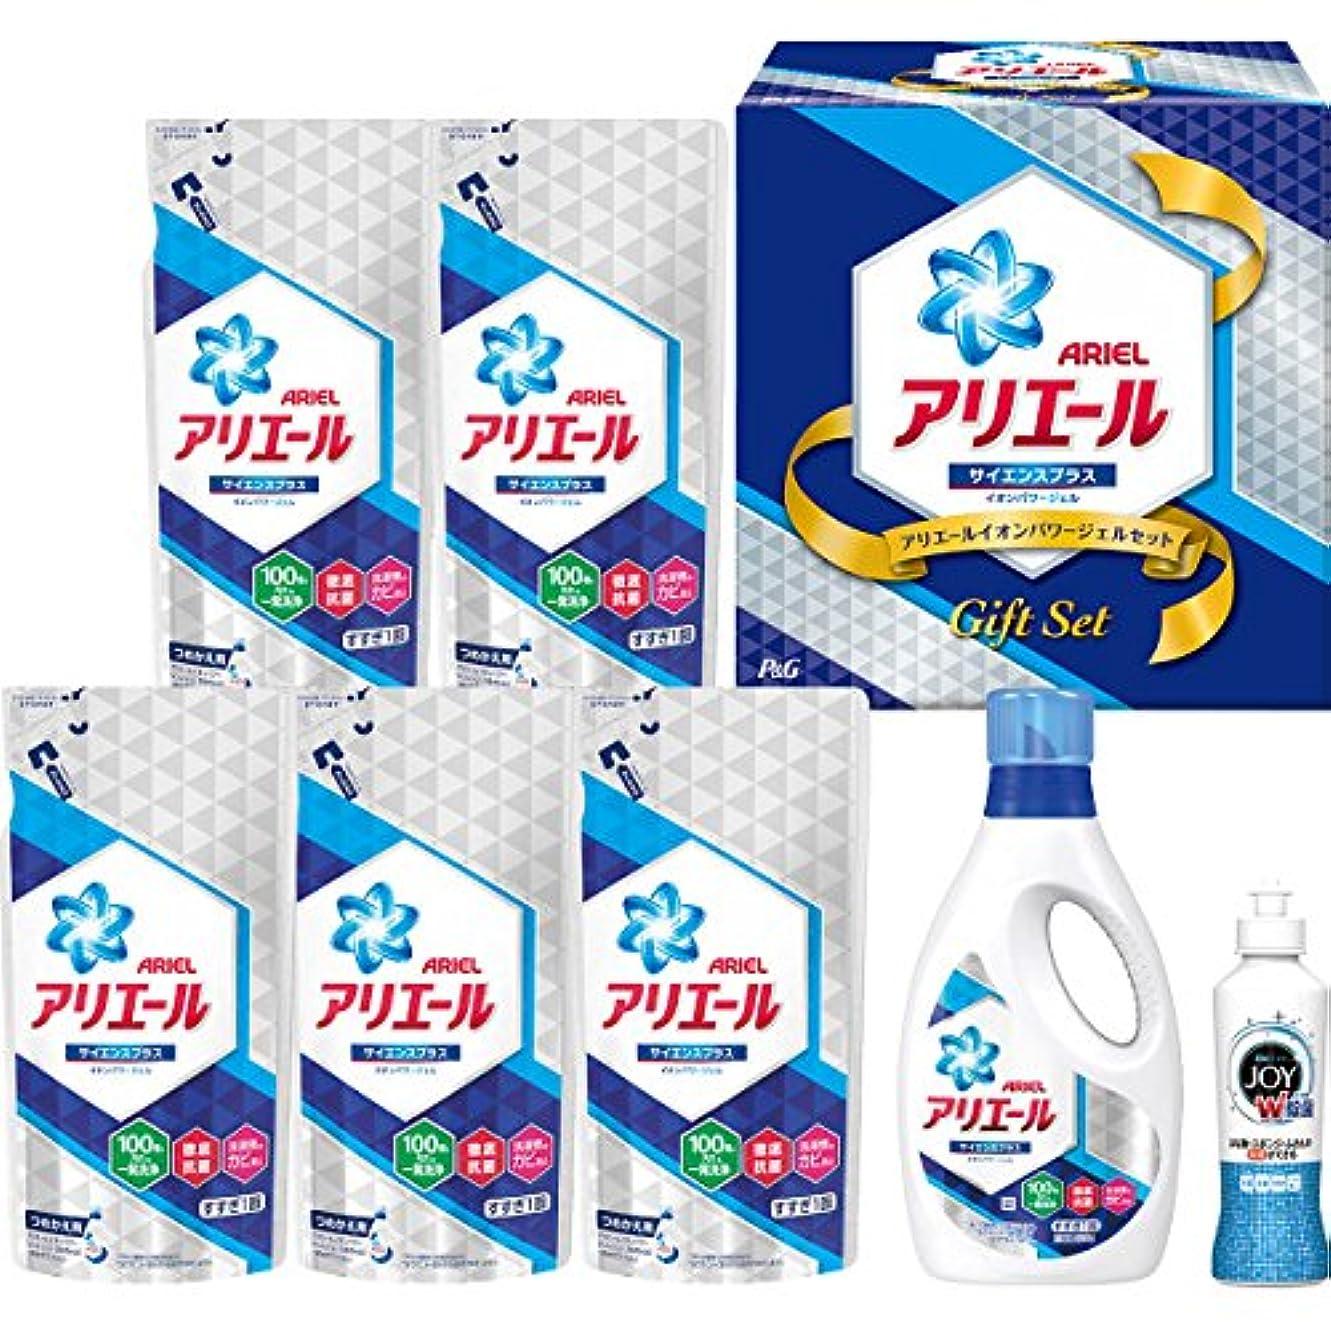 分子ドリンクそっとP&G(ピーアンドジー) 【お歳暮2018】P&G アリエールイオンパワージェルセット(PGIG-40XA)